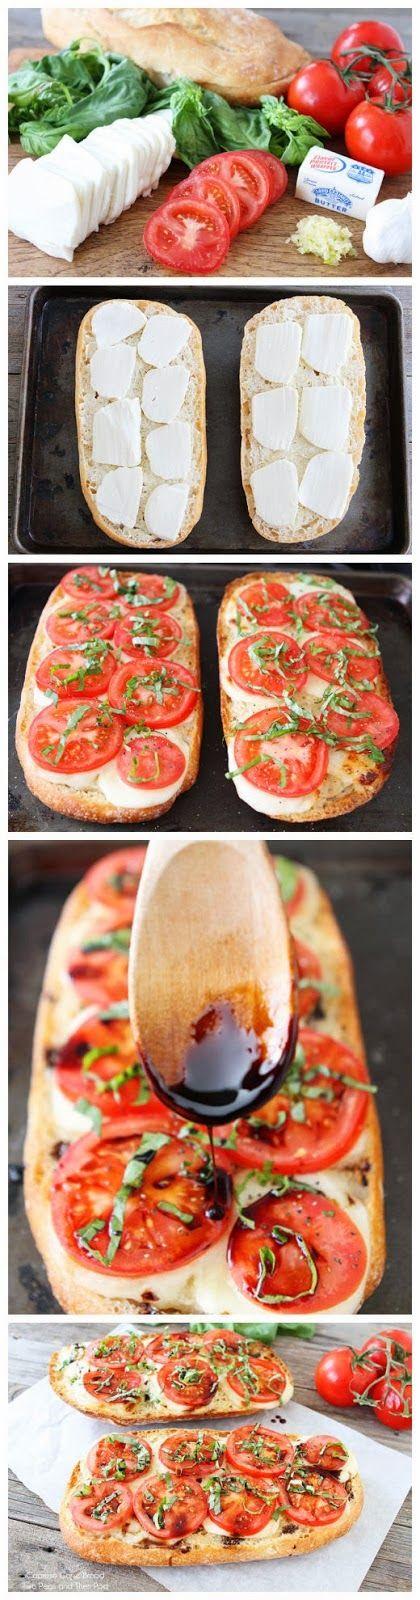 How To Caprese Garlic Bread Check us out at www.hotdeals.com or on fb! Www.facebook.com/hotdealscom